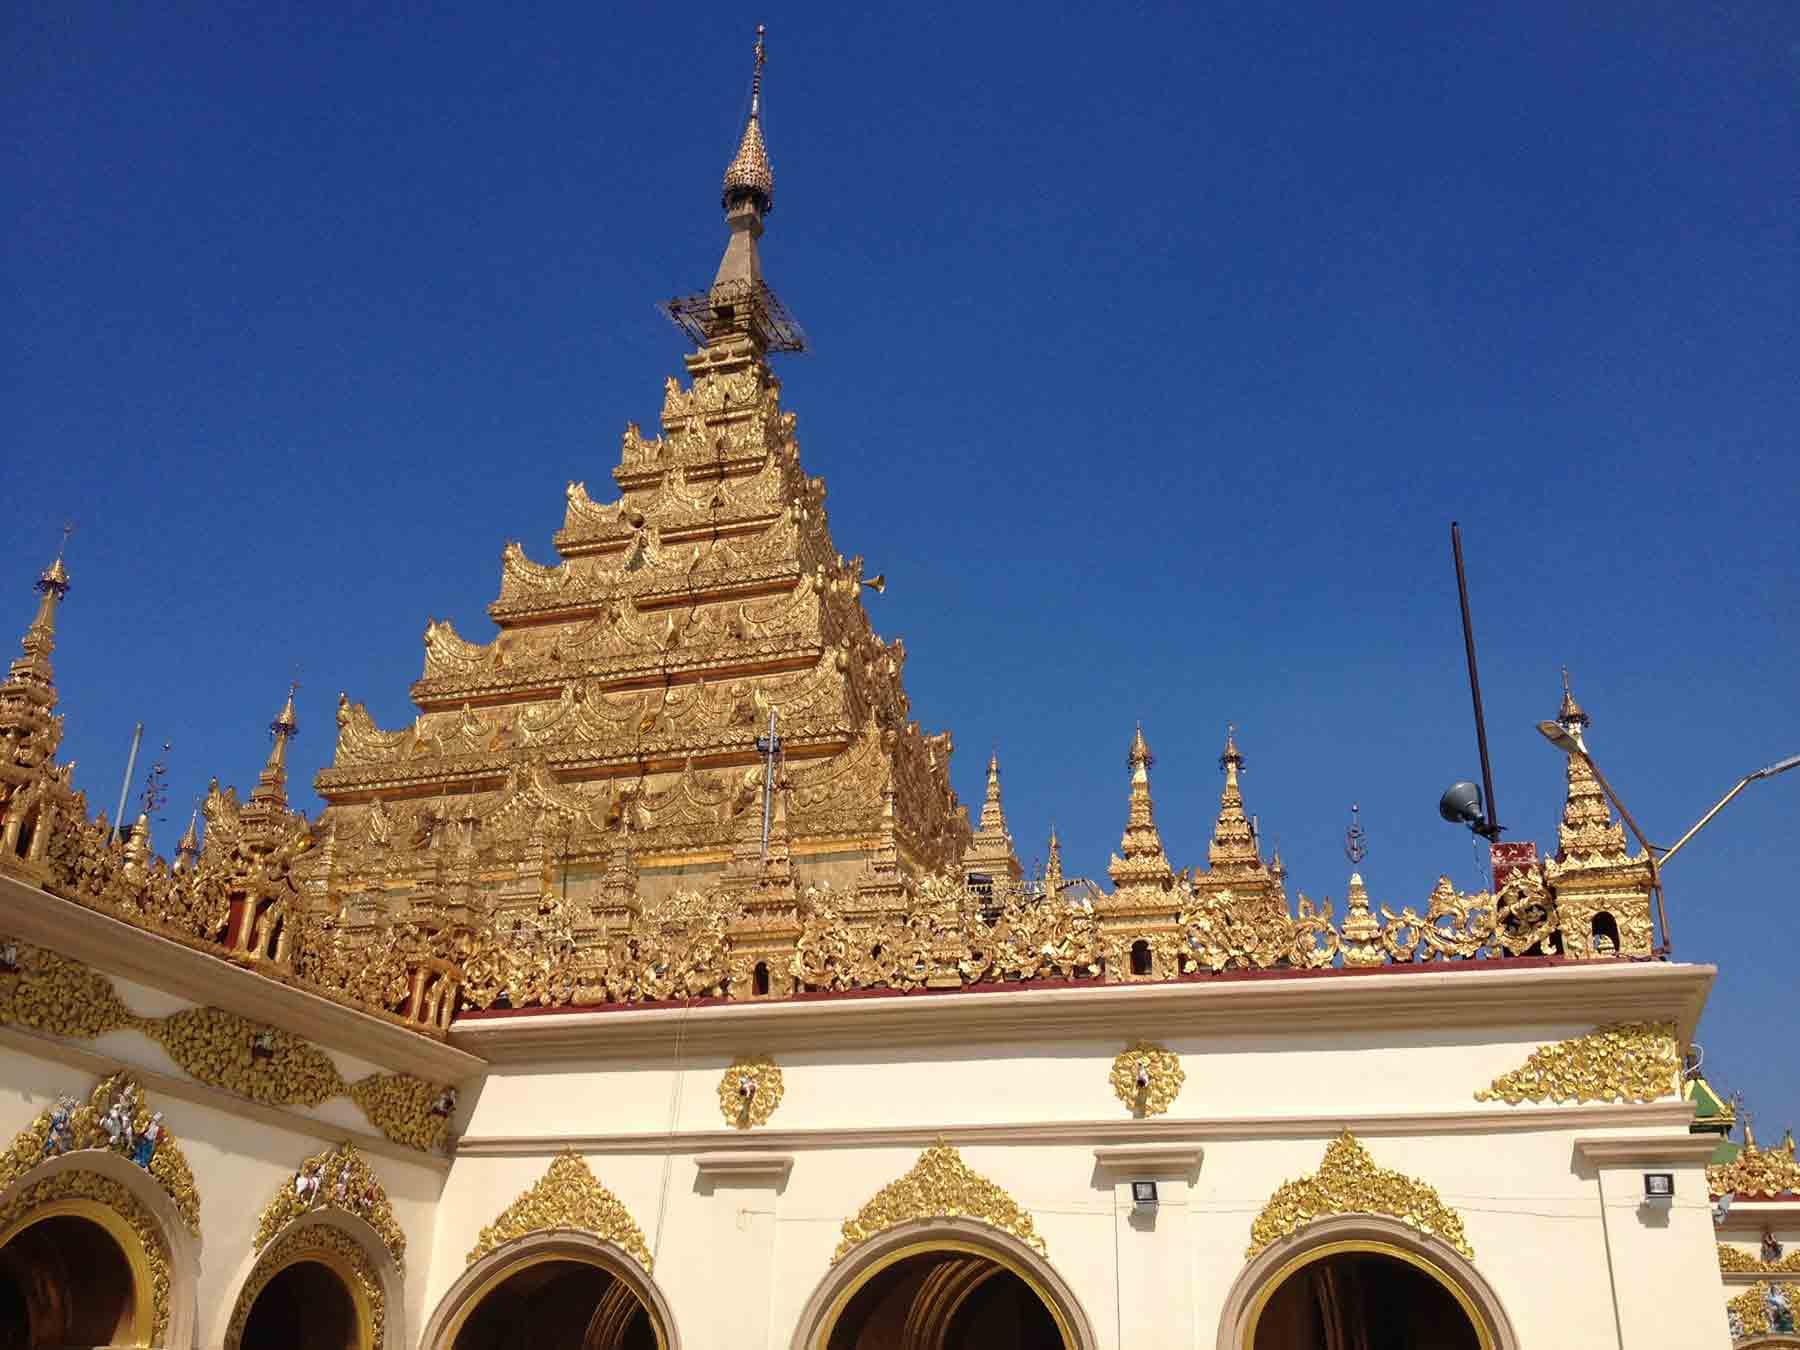 Mahamuna temple in Mandalay